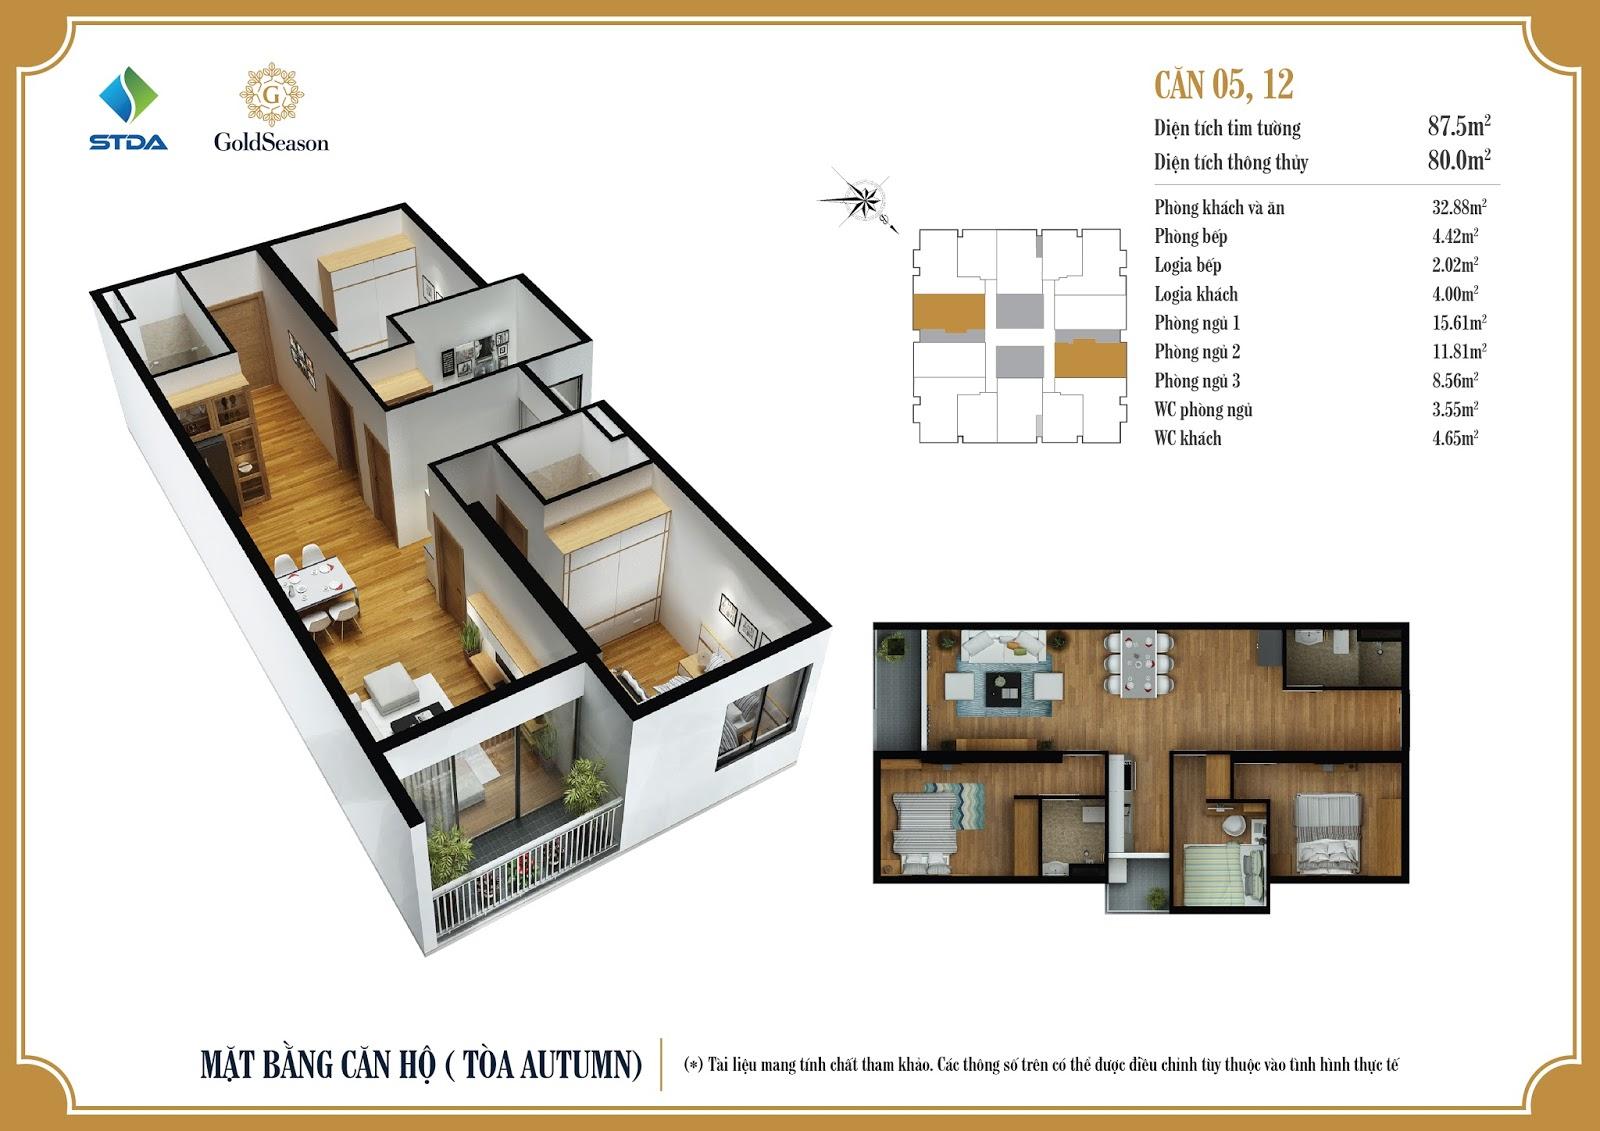 Mặt bằng căn hộ 05, 12 - 87,5m2 - GoldSeason